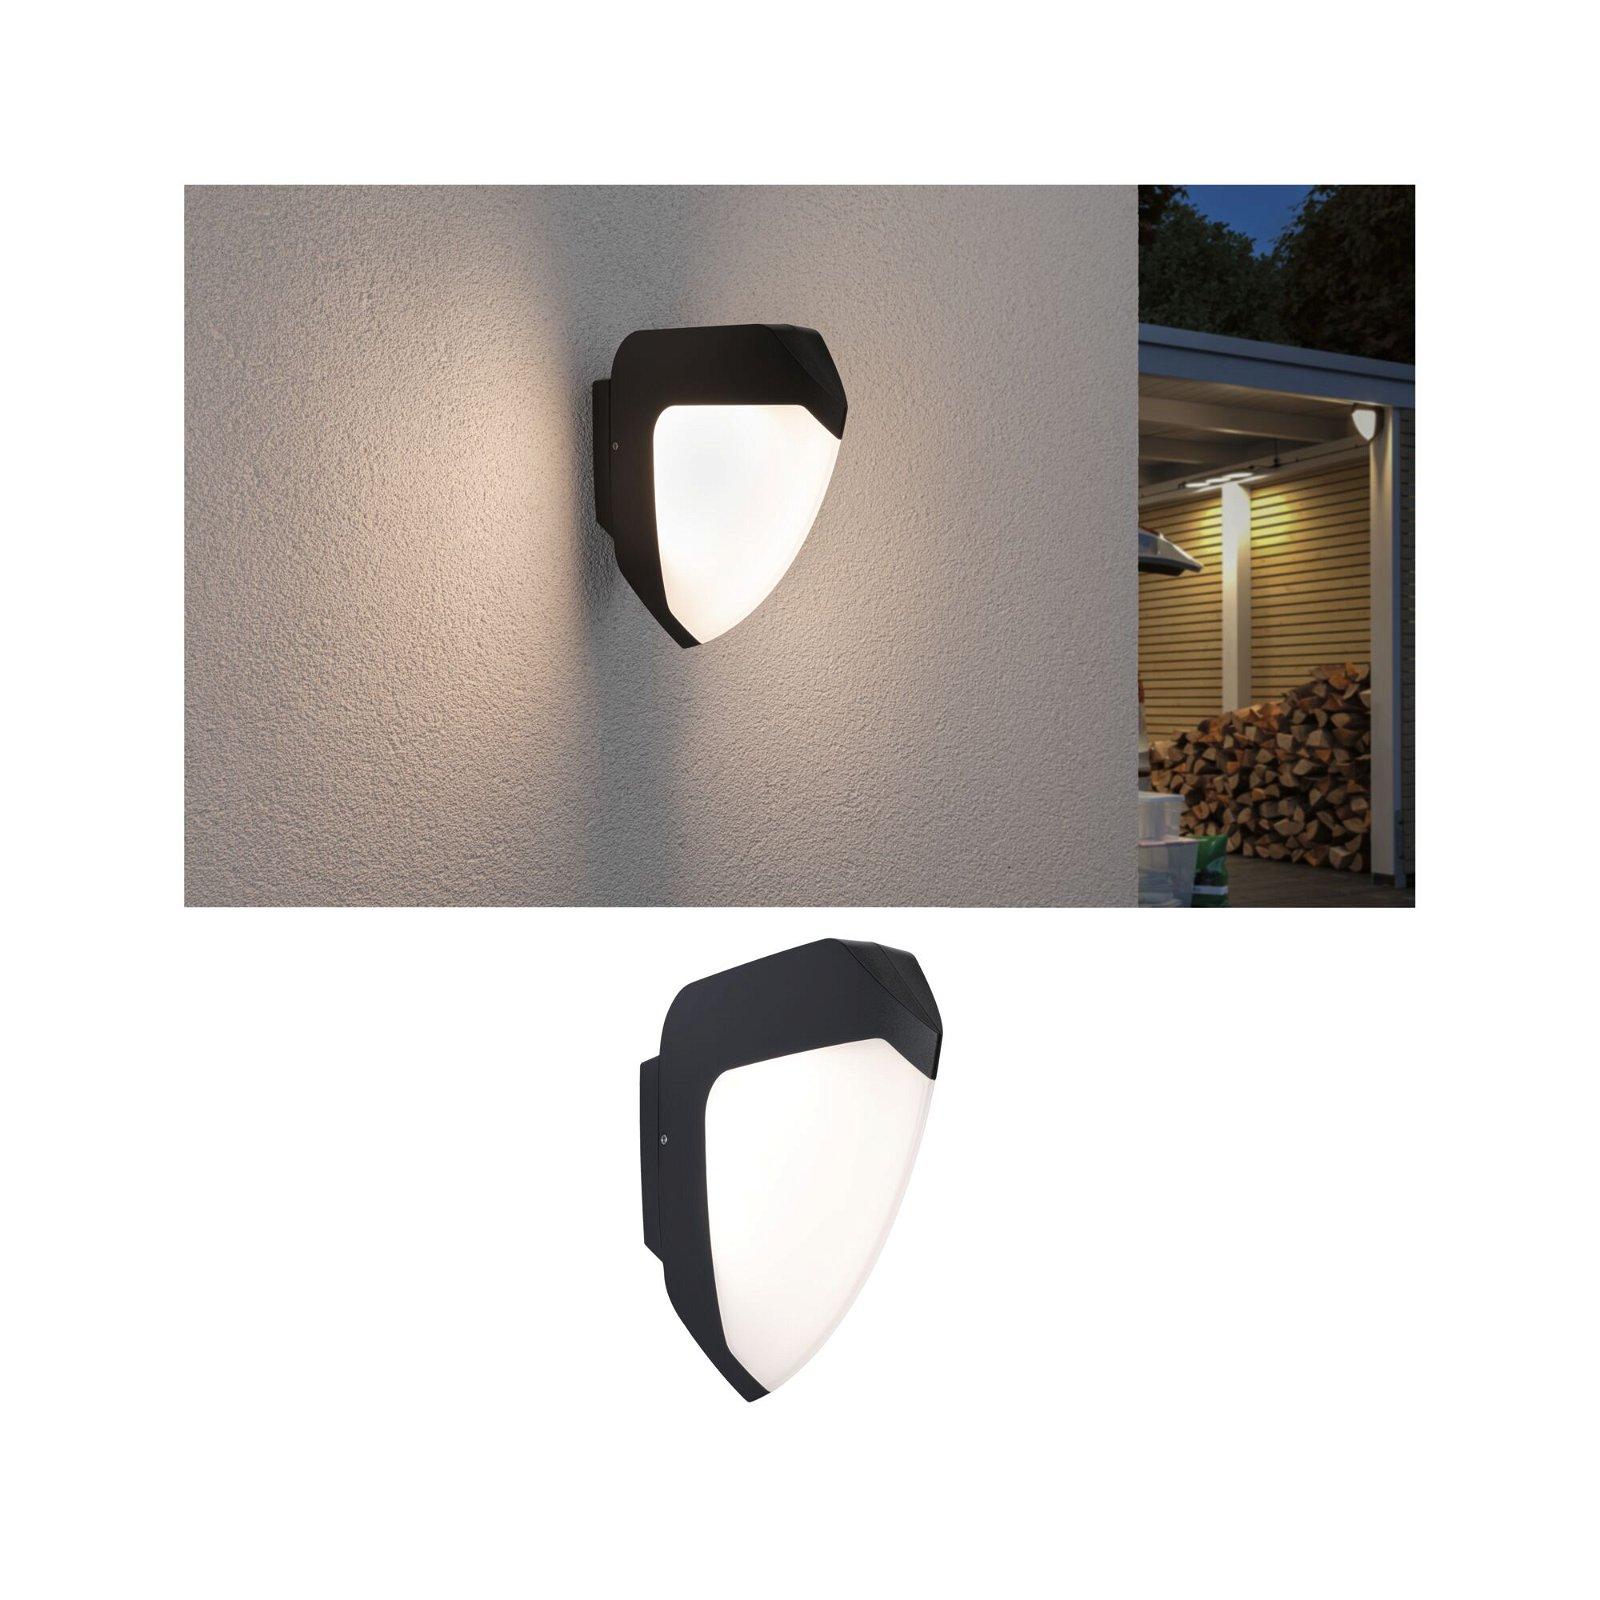 LED Außenwandleuchte Smart Home Zigbee Ikosea Dämmerungssensor und Bewegungsmelder Tunable Warm IP44 50x203mm 3000K 4,4W 280lm 230V Anthrazit Kunststoff